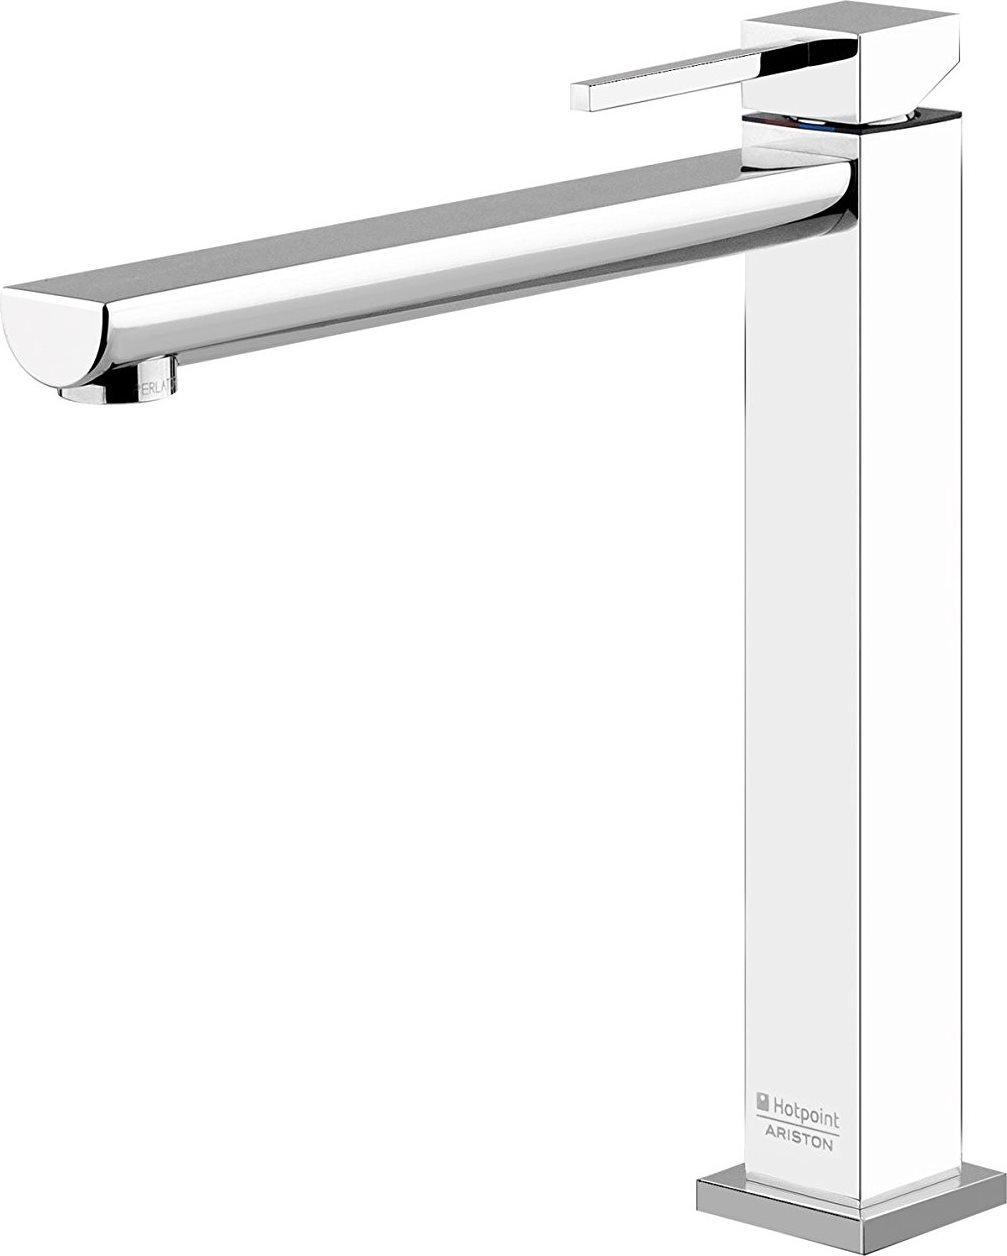 Hotpoint ariston miscelatore cucina rubinetto monocomando for Cucina hotpoint ariston